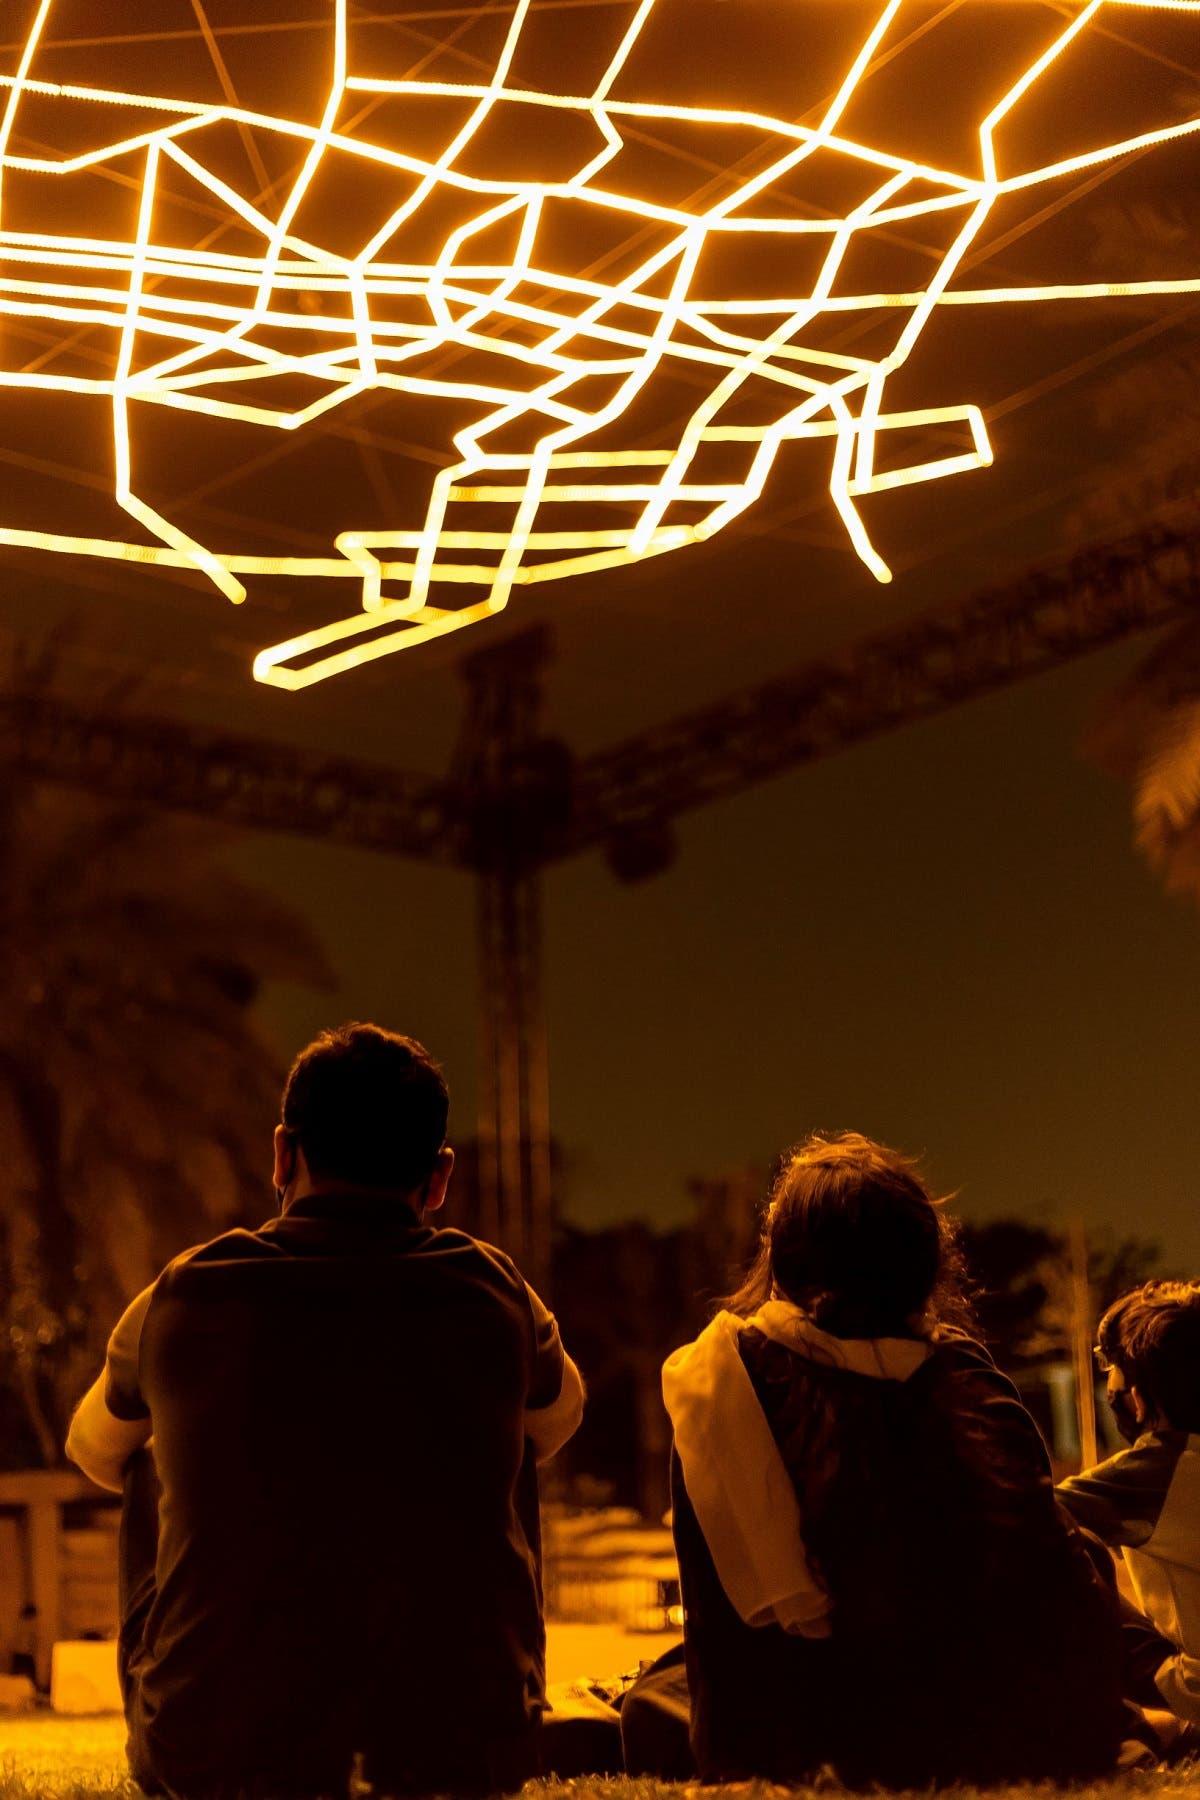 Families in Riyadh enjoying VOUW'S artwork. (Courtesy: Riyadh Art 2021)